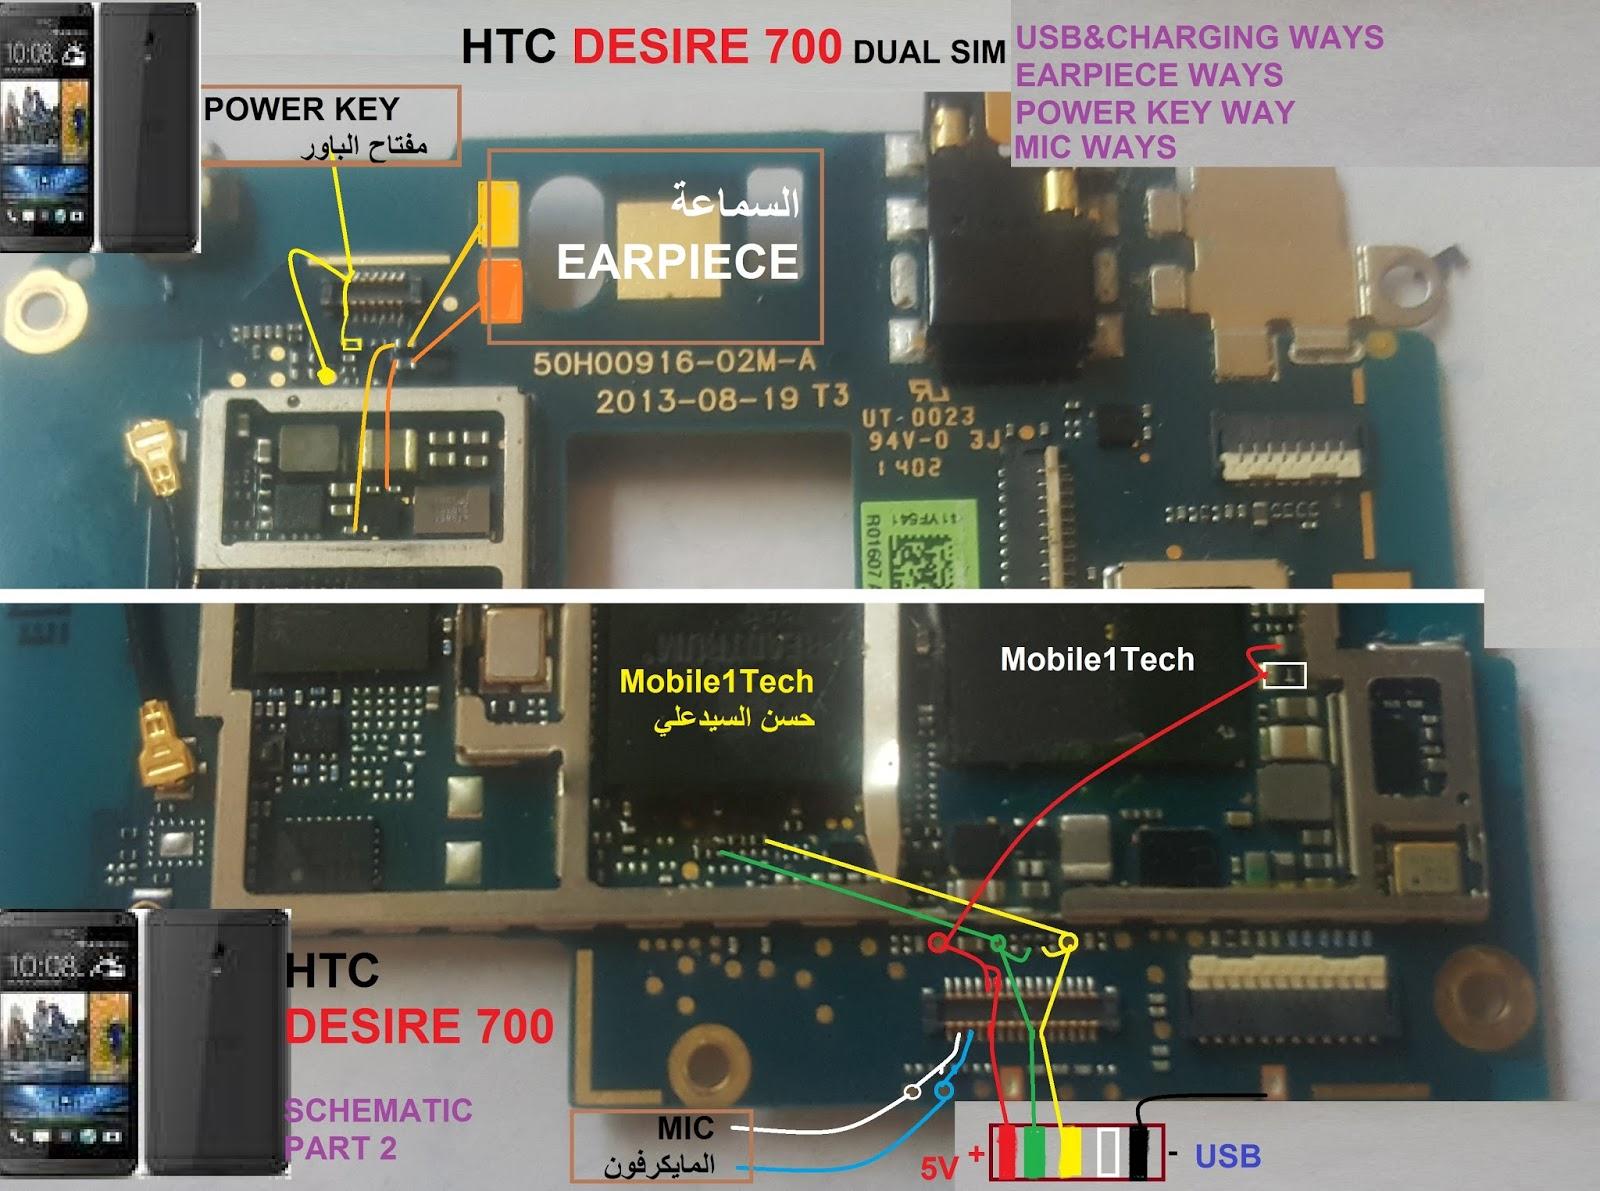 حصري : مخطط الصيانة الأول في العالم ل HTC DESIRE 700